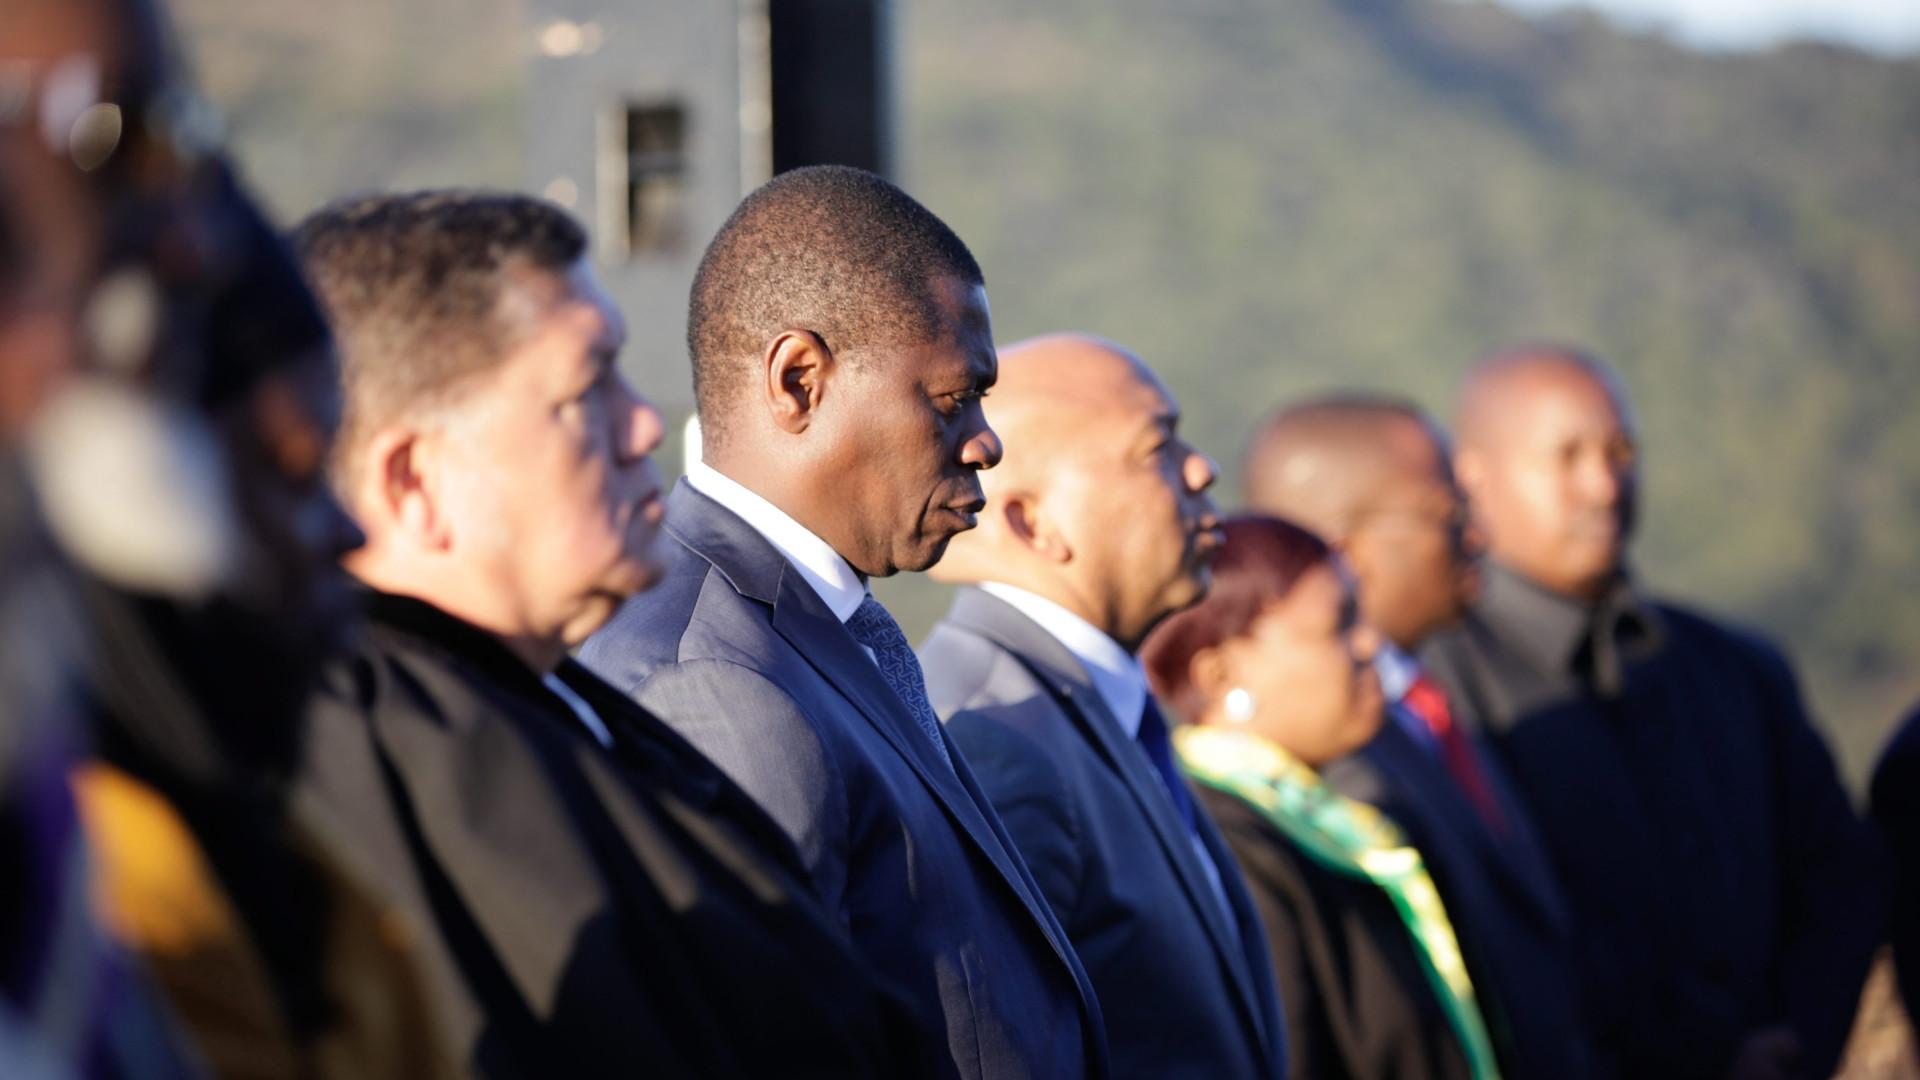 ANC apresenta moção de censura caso Zuma não se demita até quinta-feira